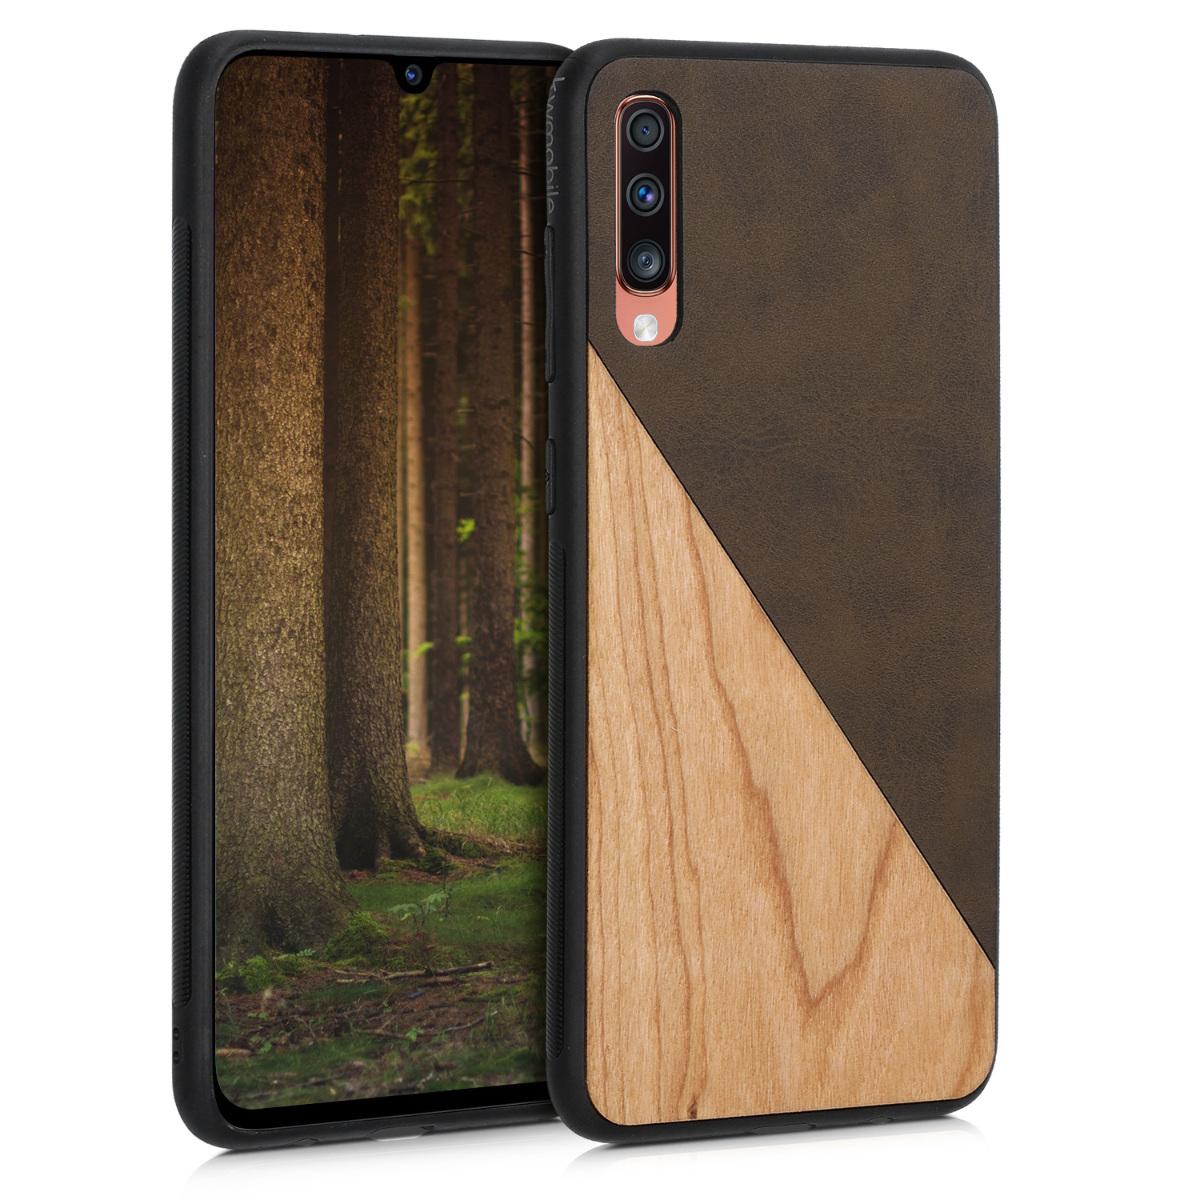 Dřevěné pouzdro pro Samsung A70 - Two-Tone Wood tmavě šedé / hnědá